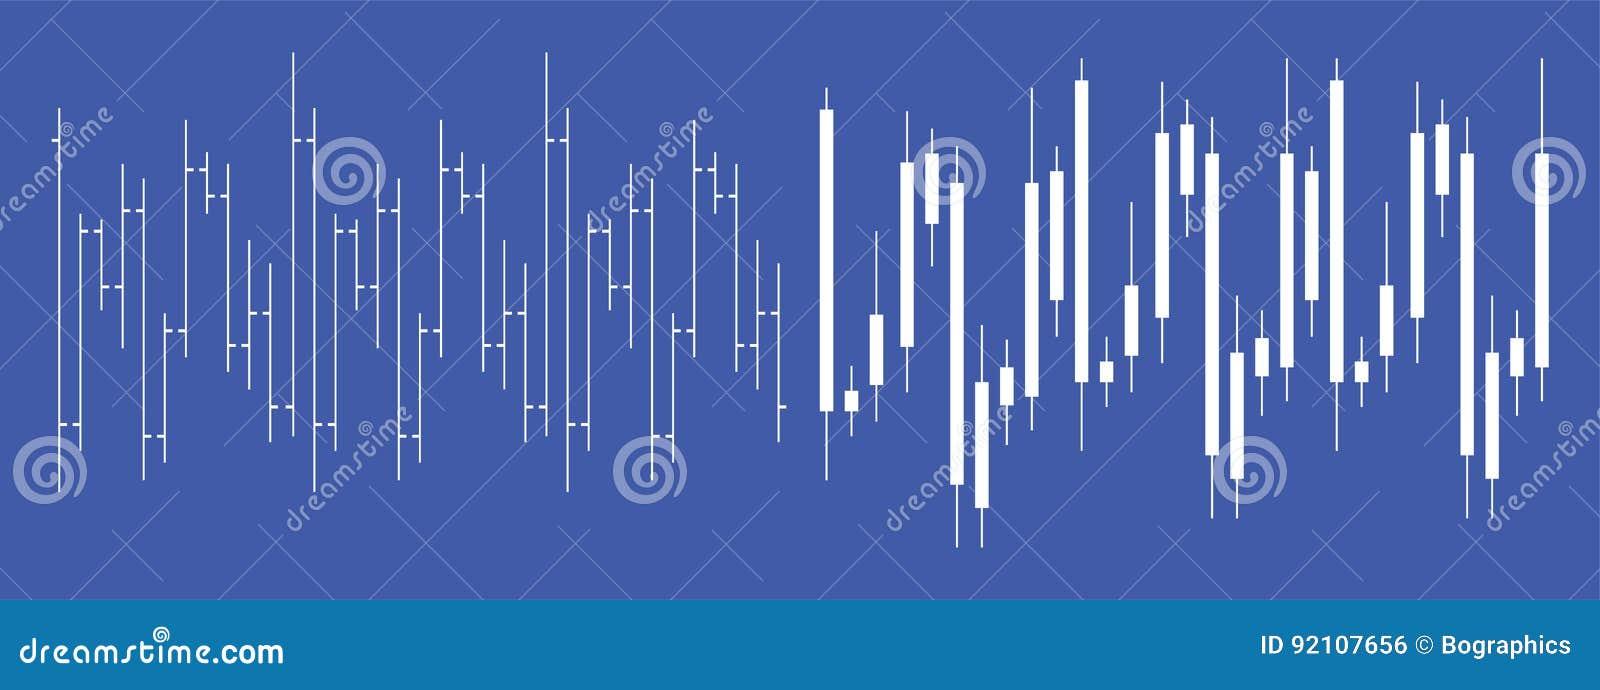 Διάγραμμα κηροπηγίων Forex χρηματιστηρίου